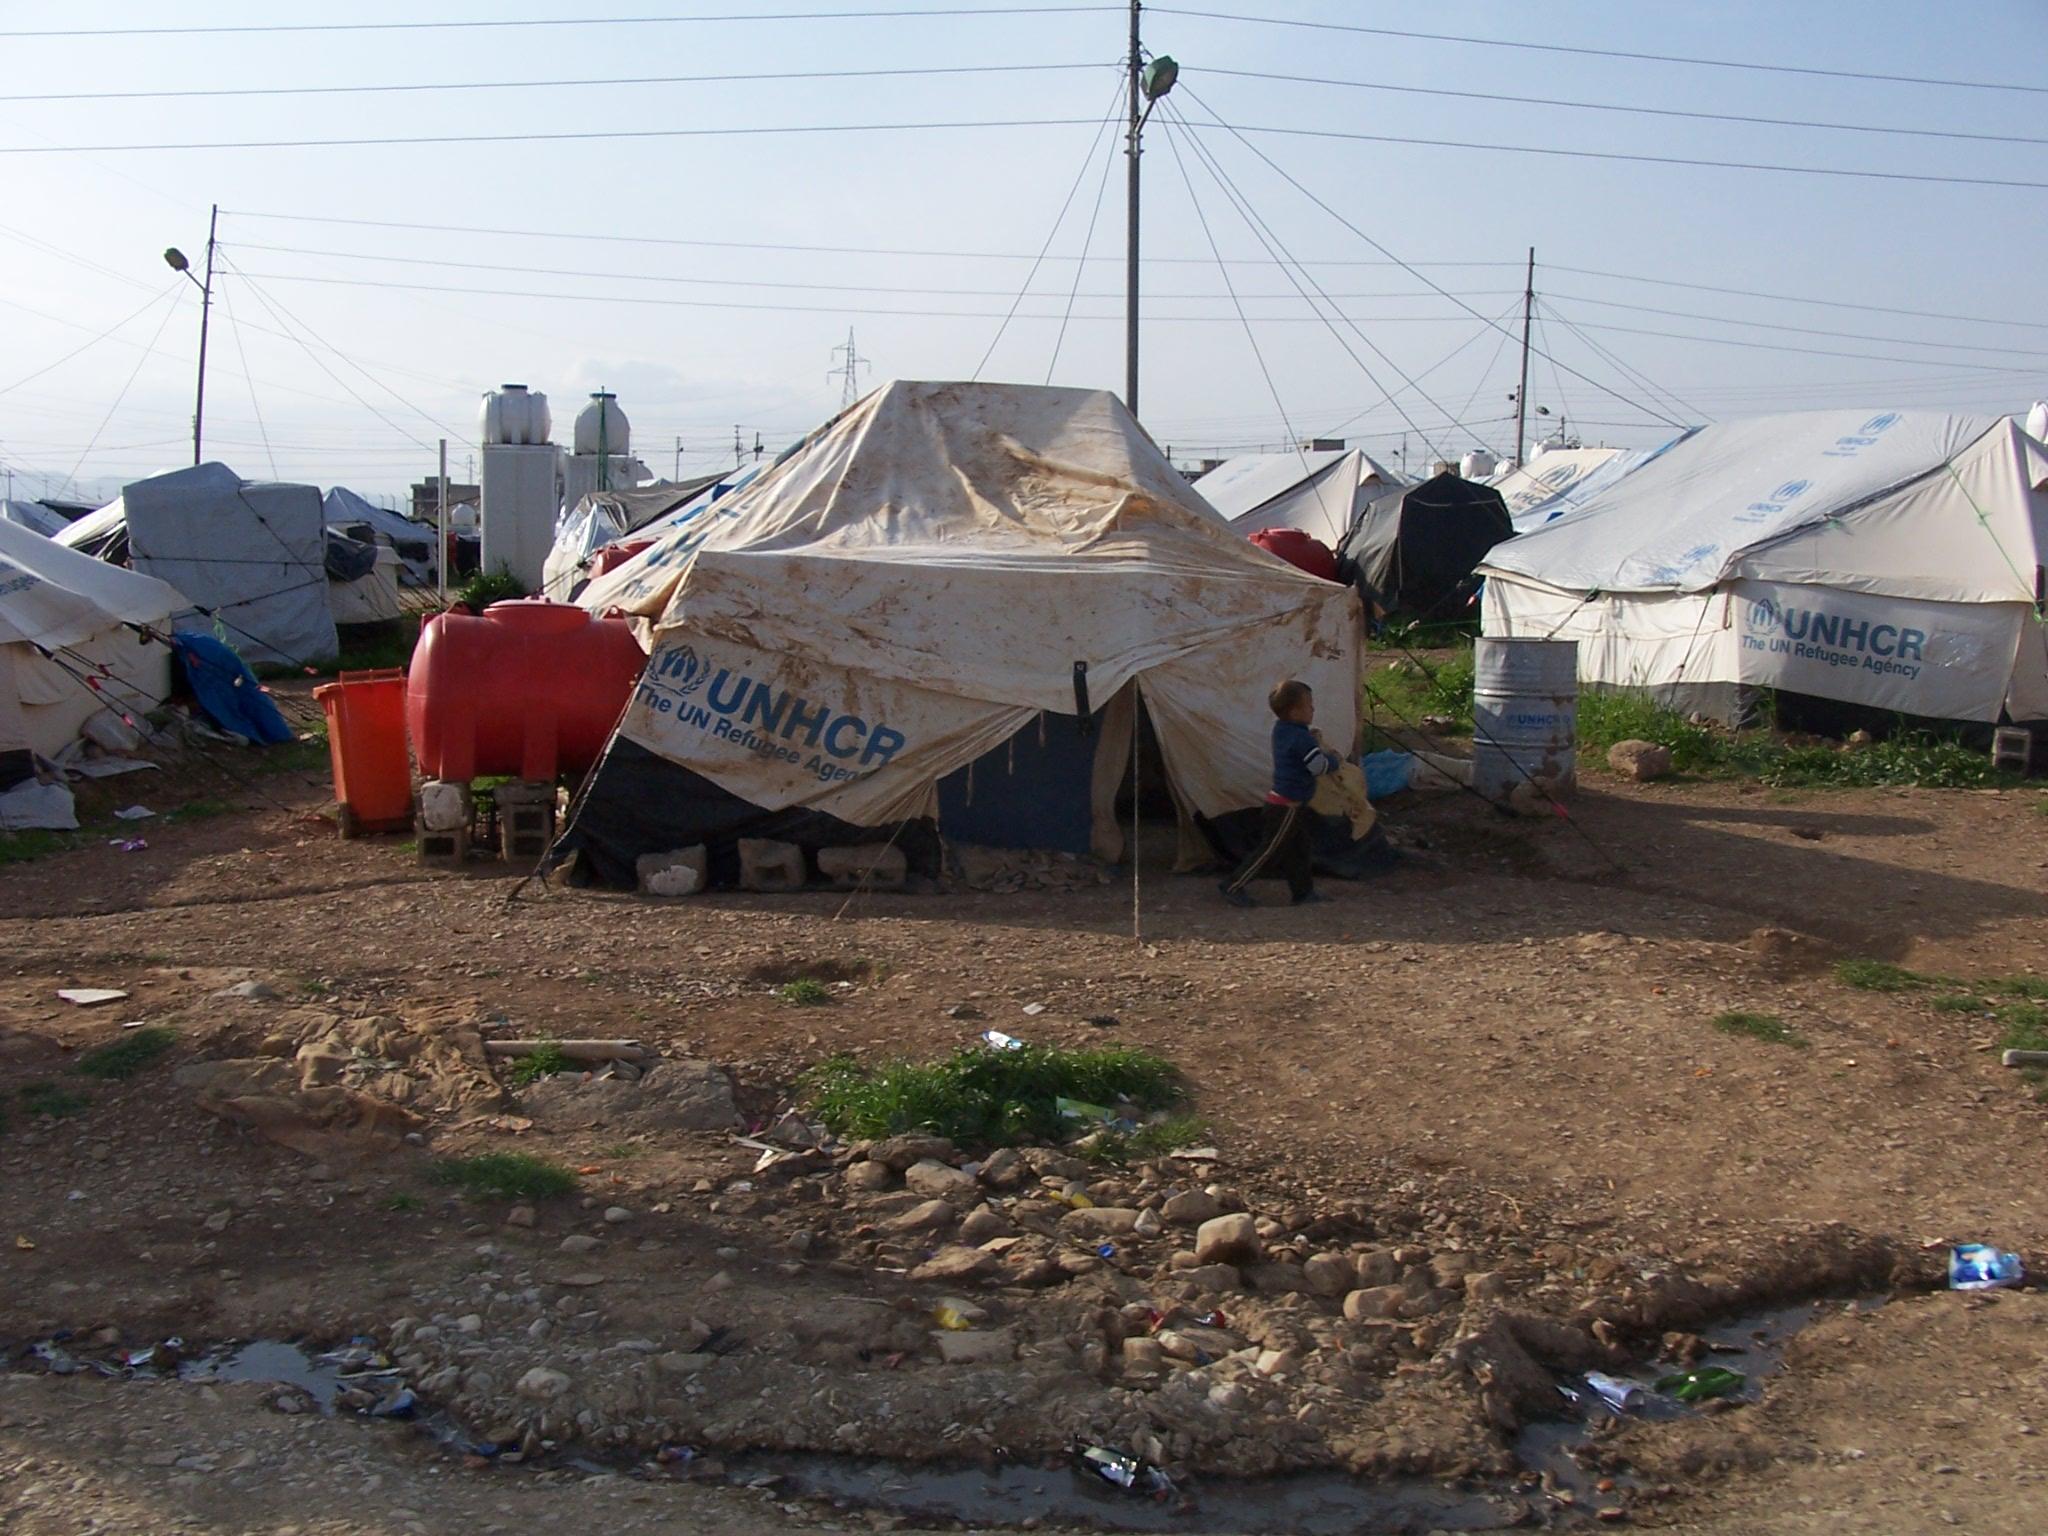 Milers de persones estan en campaments de refugiats fugint del conflicte a Síria